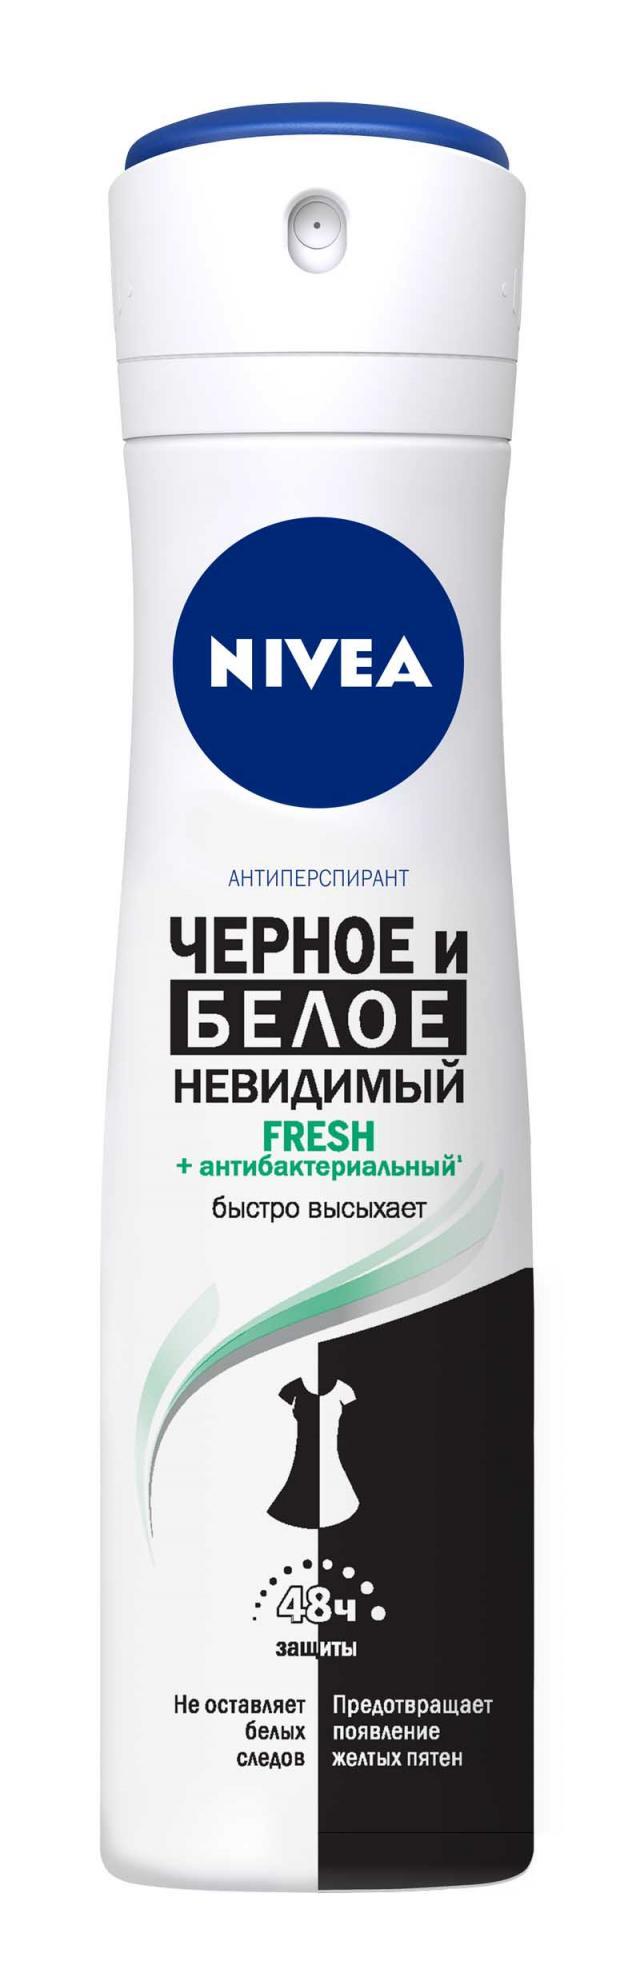 Нивея дезодорант-спрей Невид.защита для черного и белого Фреш 150мл 88674 купить в Москве по цене от 0 рублей